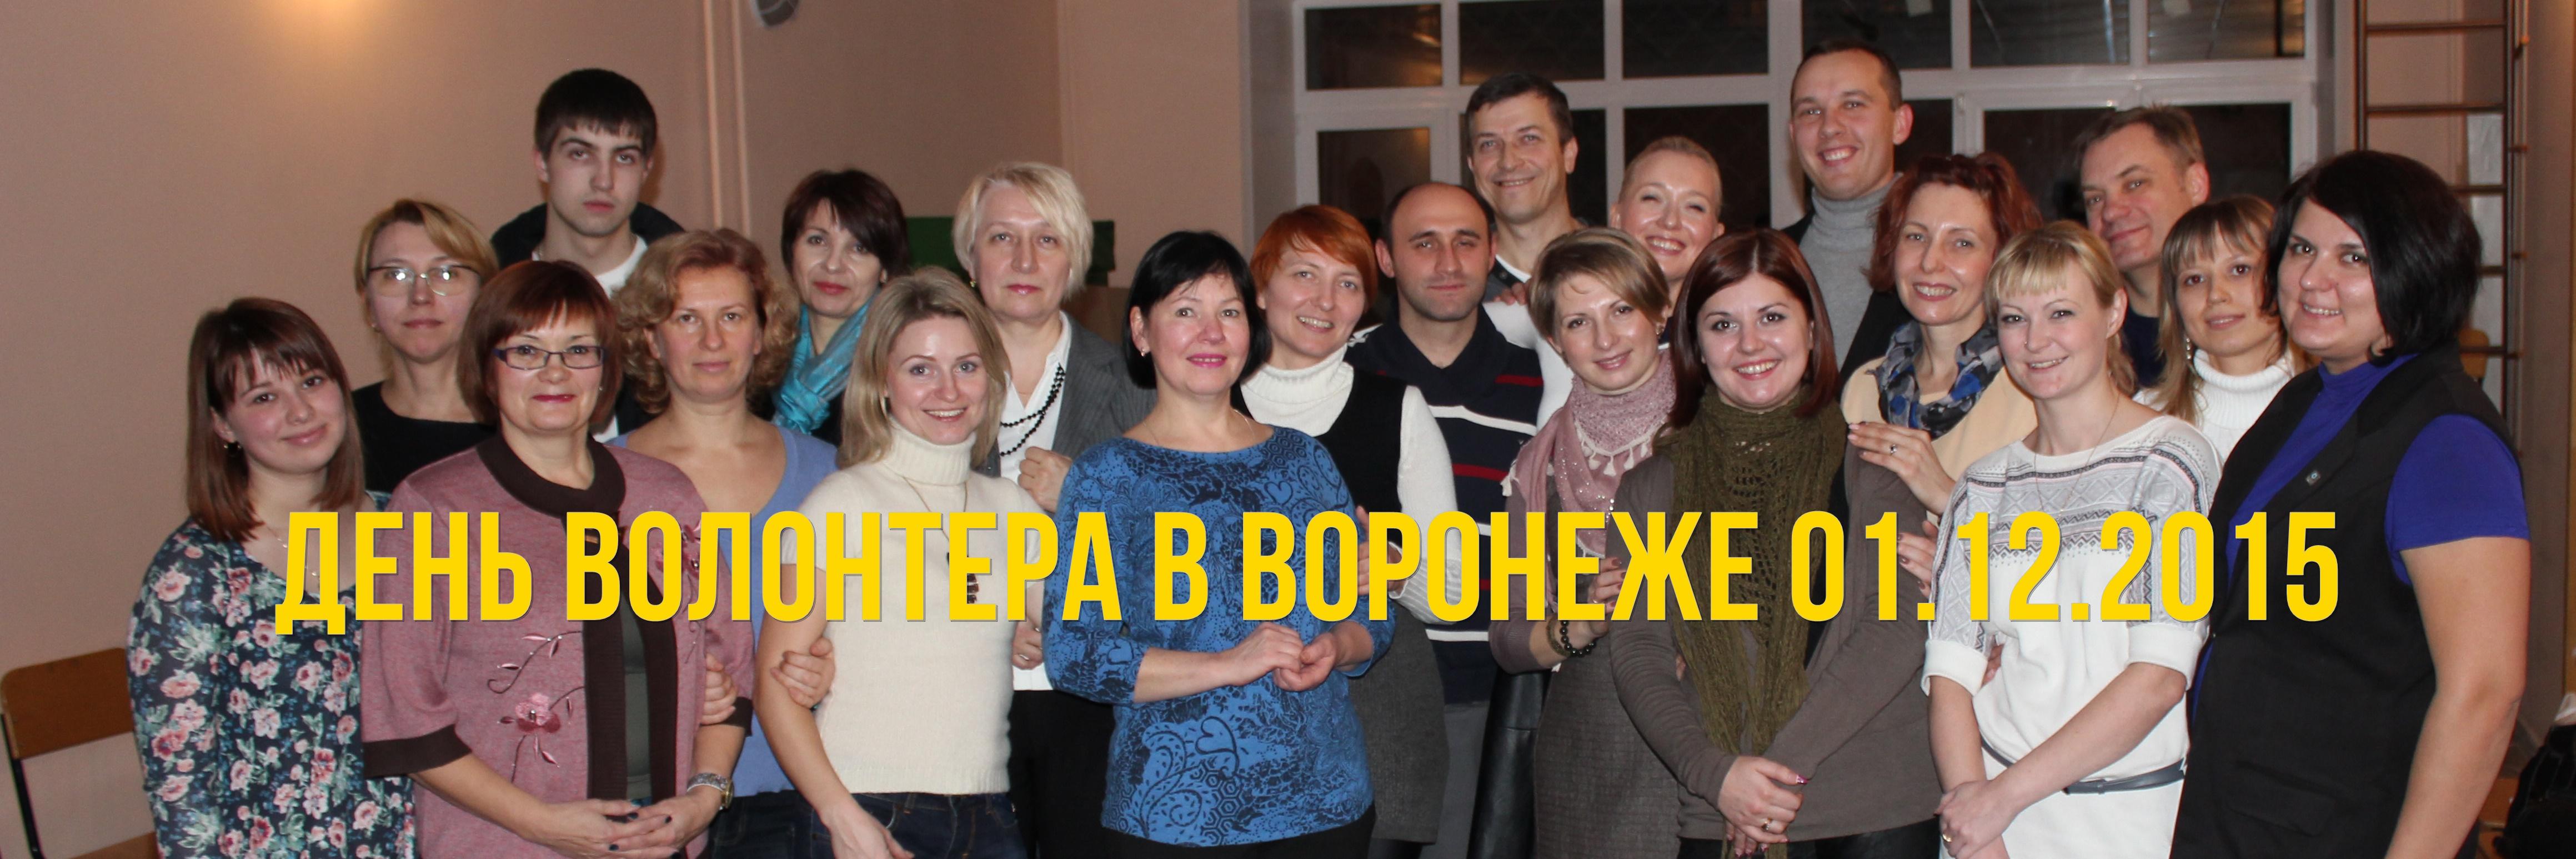 день волонтера в Воронеже 01.12.2015